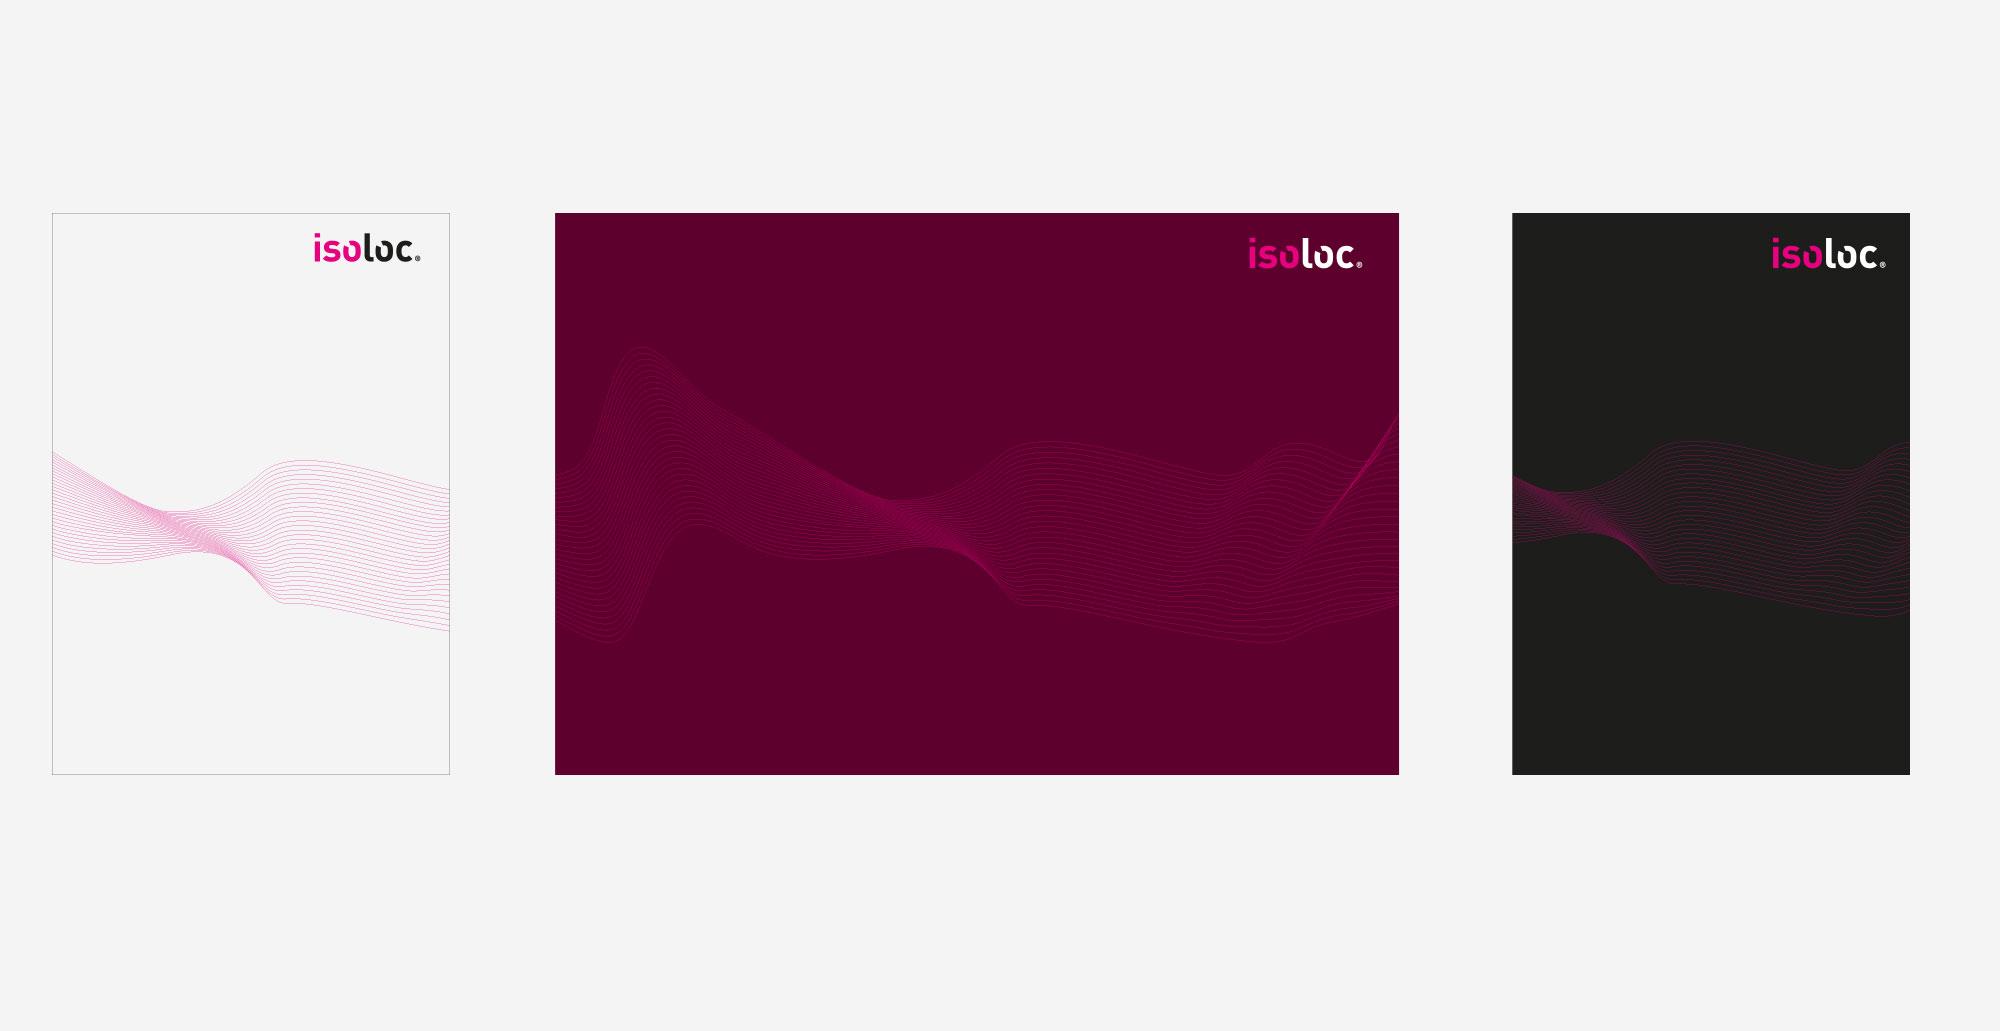 75a entwickelt das Erscheinungsbild von isoloc neu